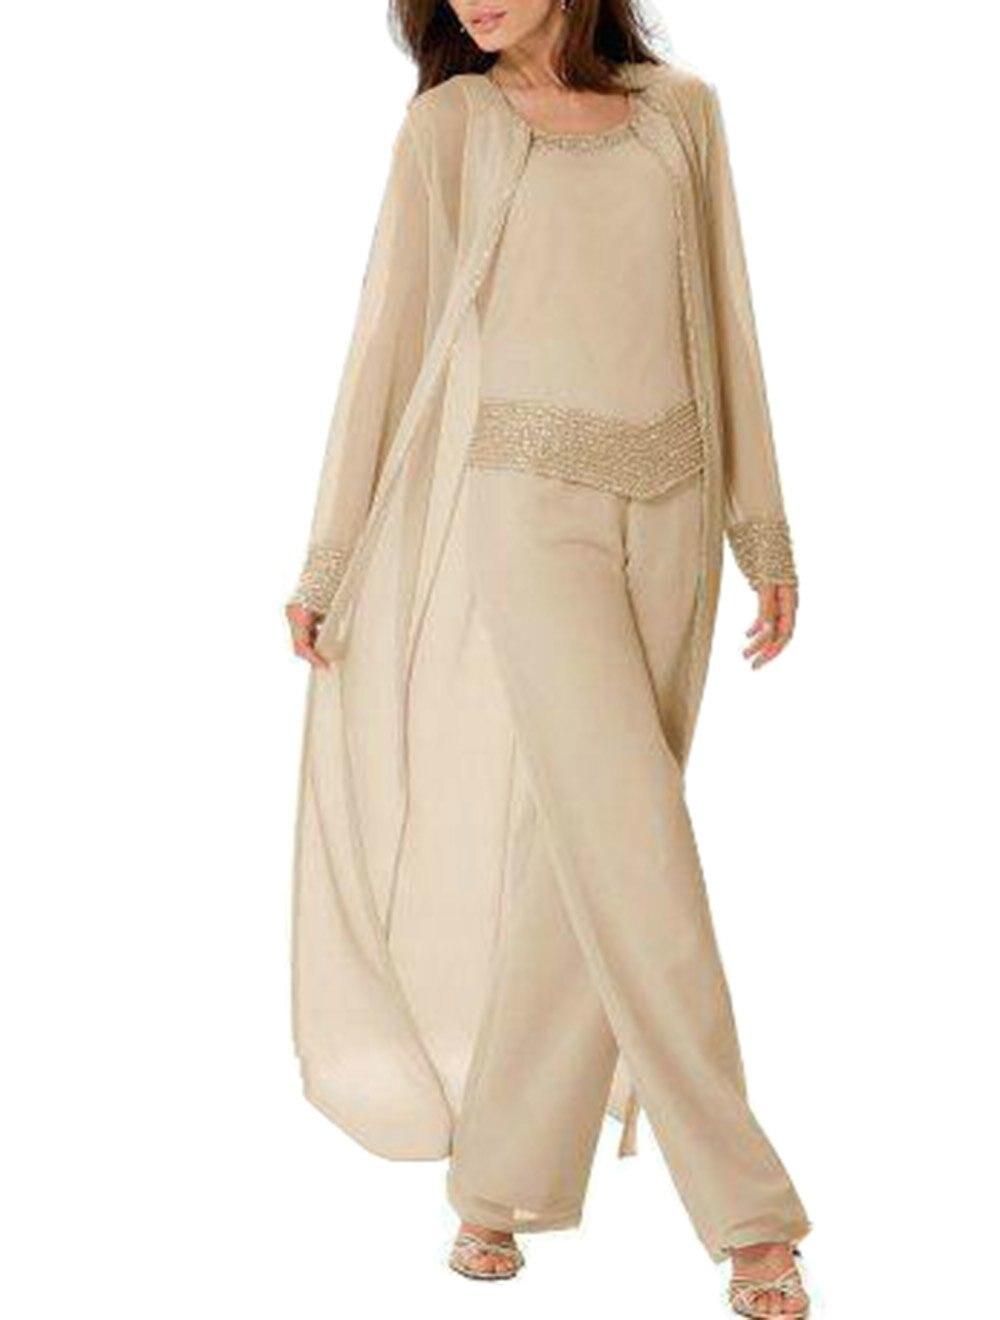 Femmes 3 pièces élégant perles mousseline mère de la mariée robe pantalon costume avec veste longue tenue manches longues pour mariage